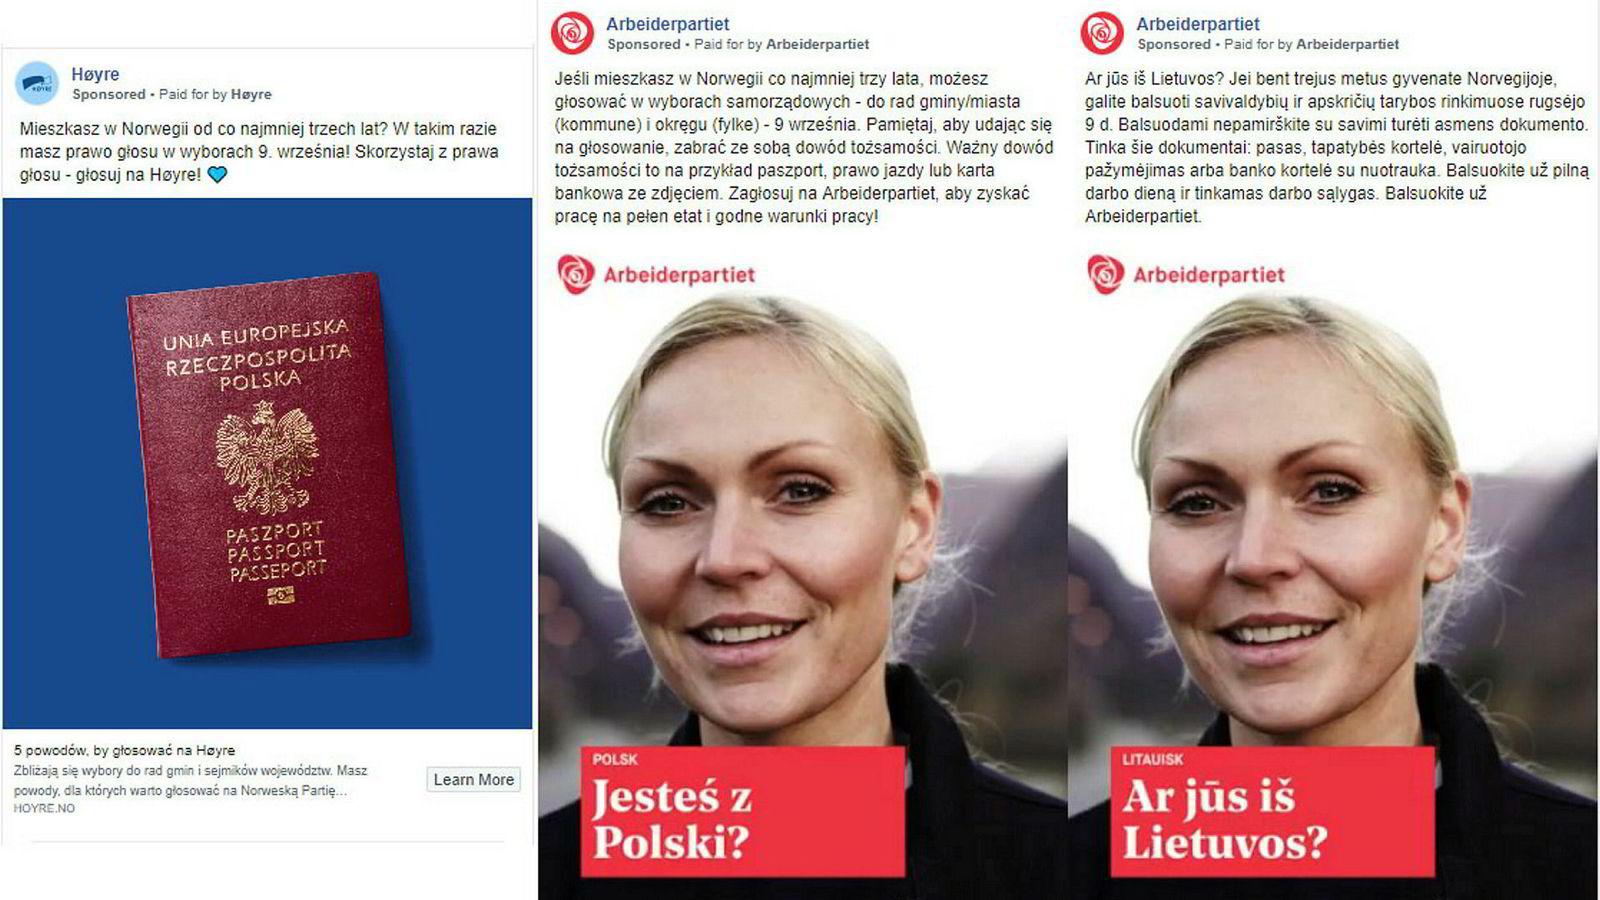 De siste årene har bruken av politiske annonser på Facebook eksplodert. Siden 2015 har Høyres digitalbudsjett økt fra 500.000 til to millioner kroner. Her eksempler på innlegg fra Høyre og Arbeiderpartiet som retter seg mot polsk- og litauiskspråklige velgere.